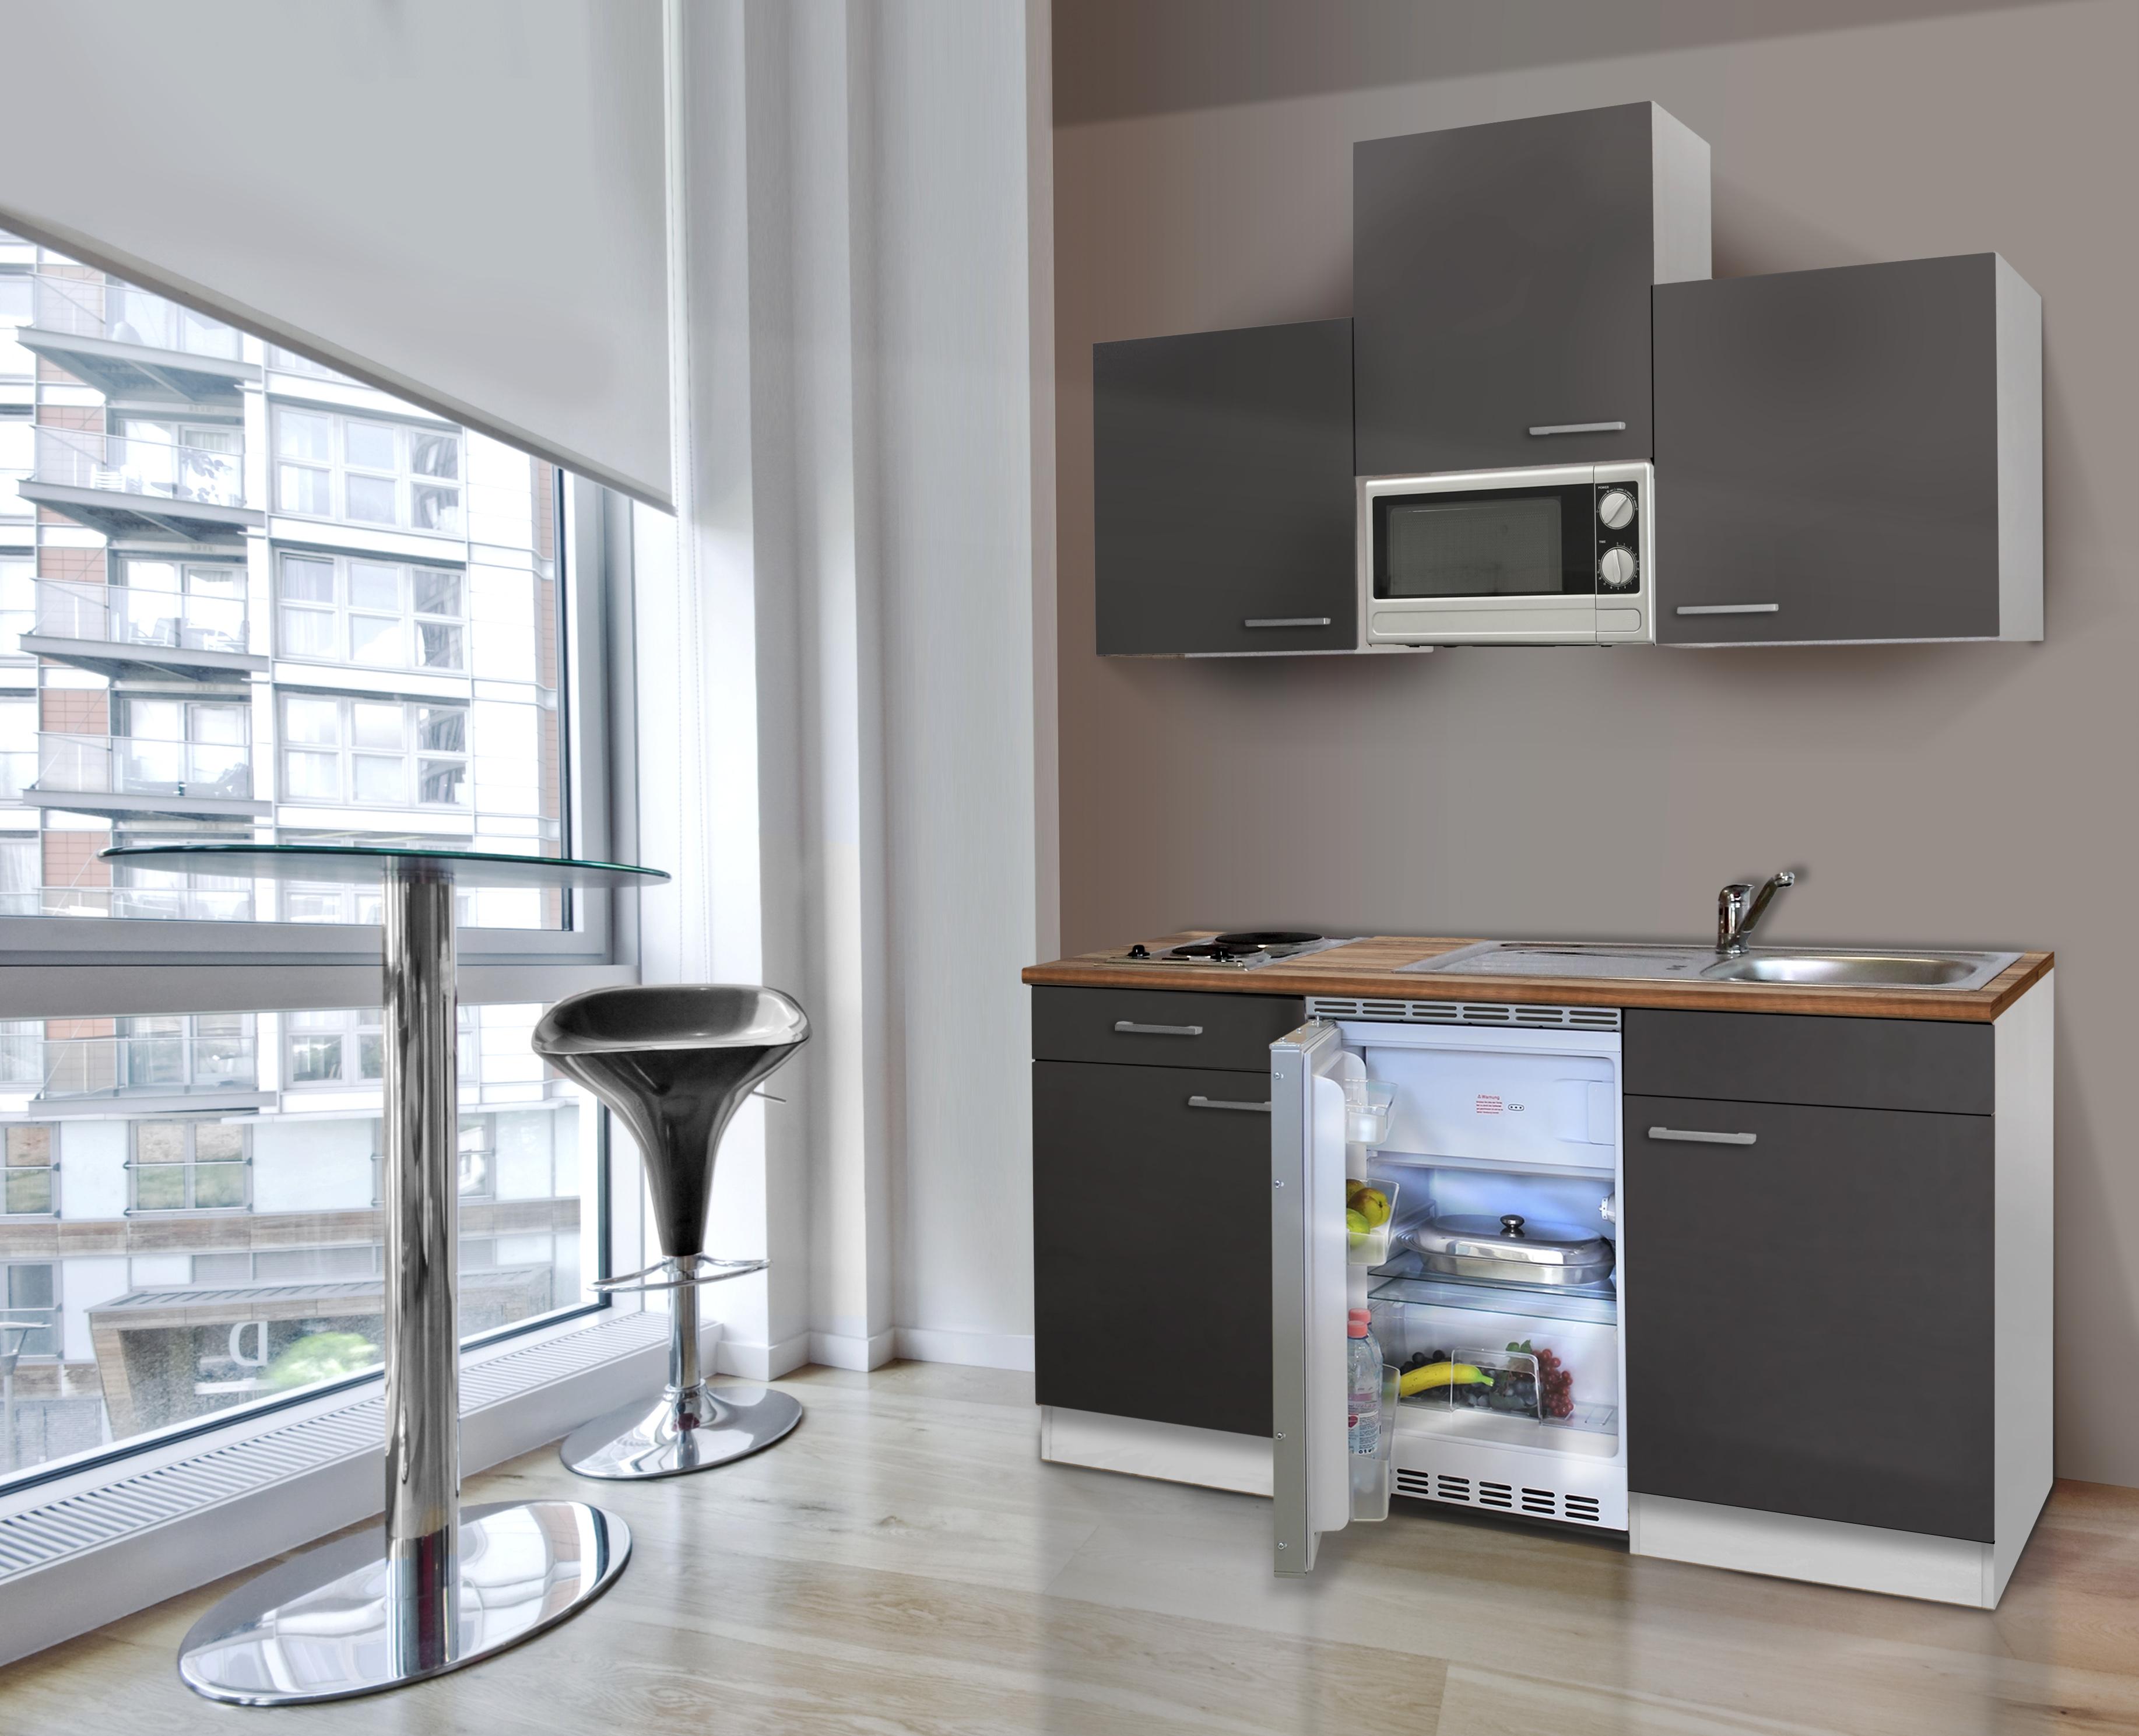 Cucine Bianco Grigio : Cucina singola mini blocco angolo cottura cm bianco grigio